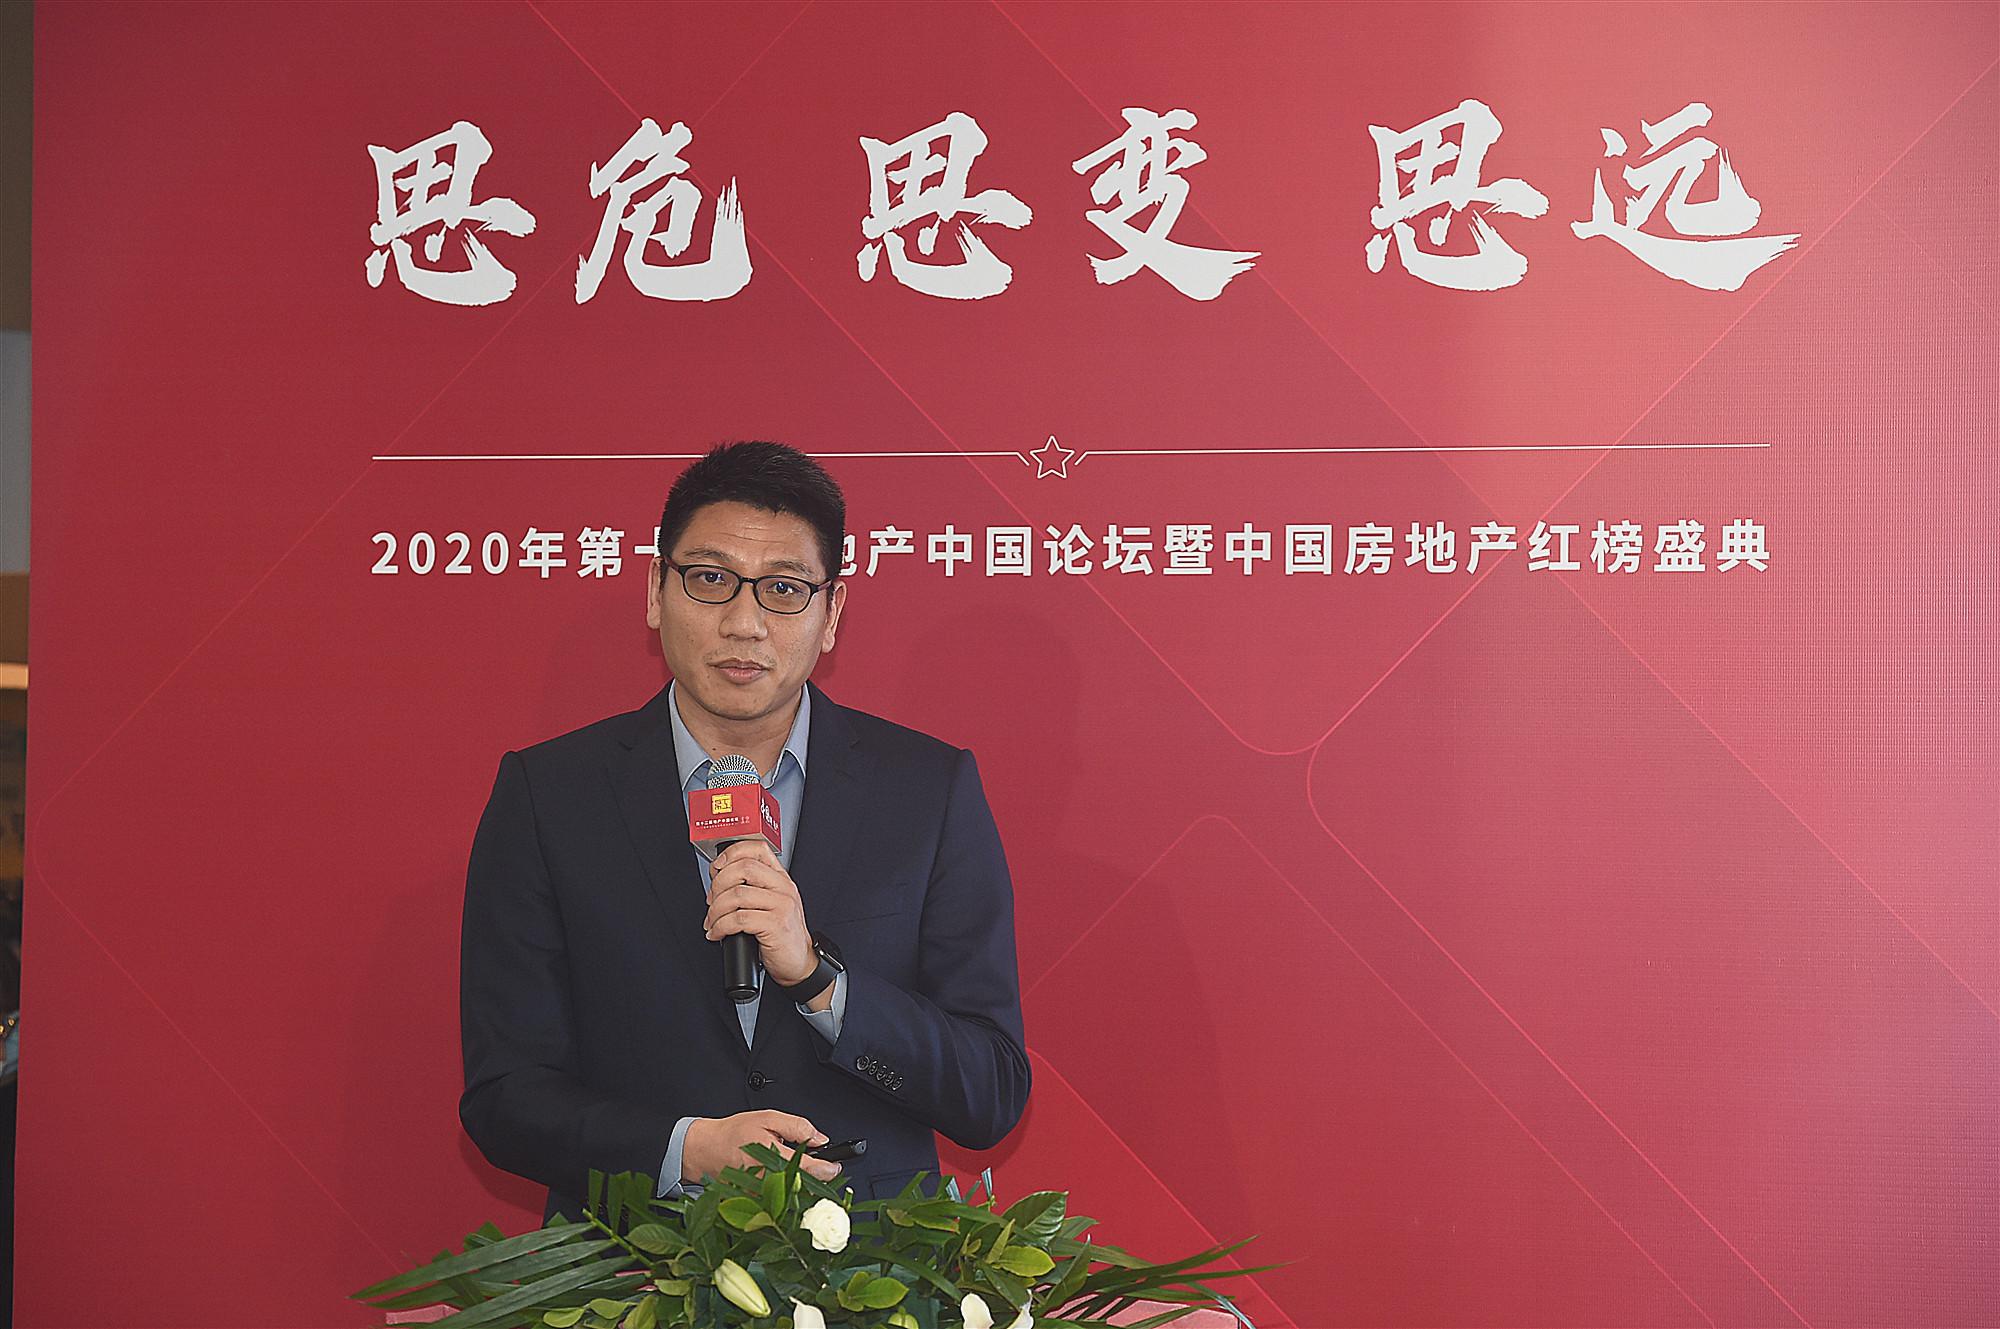 远洋养老谭超:以五类创新为目标-中国网地产